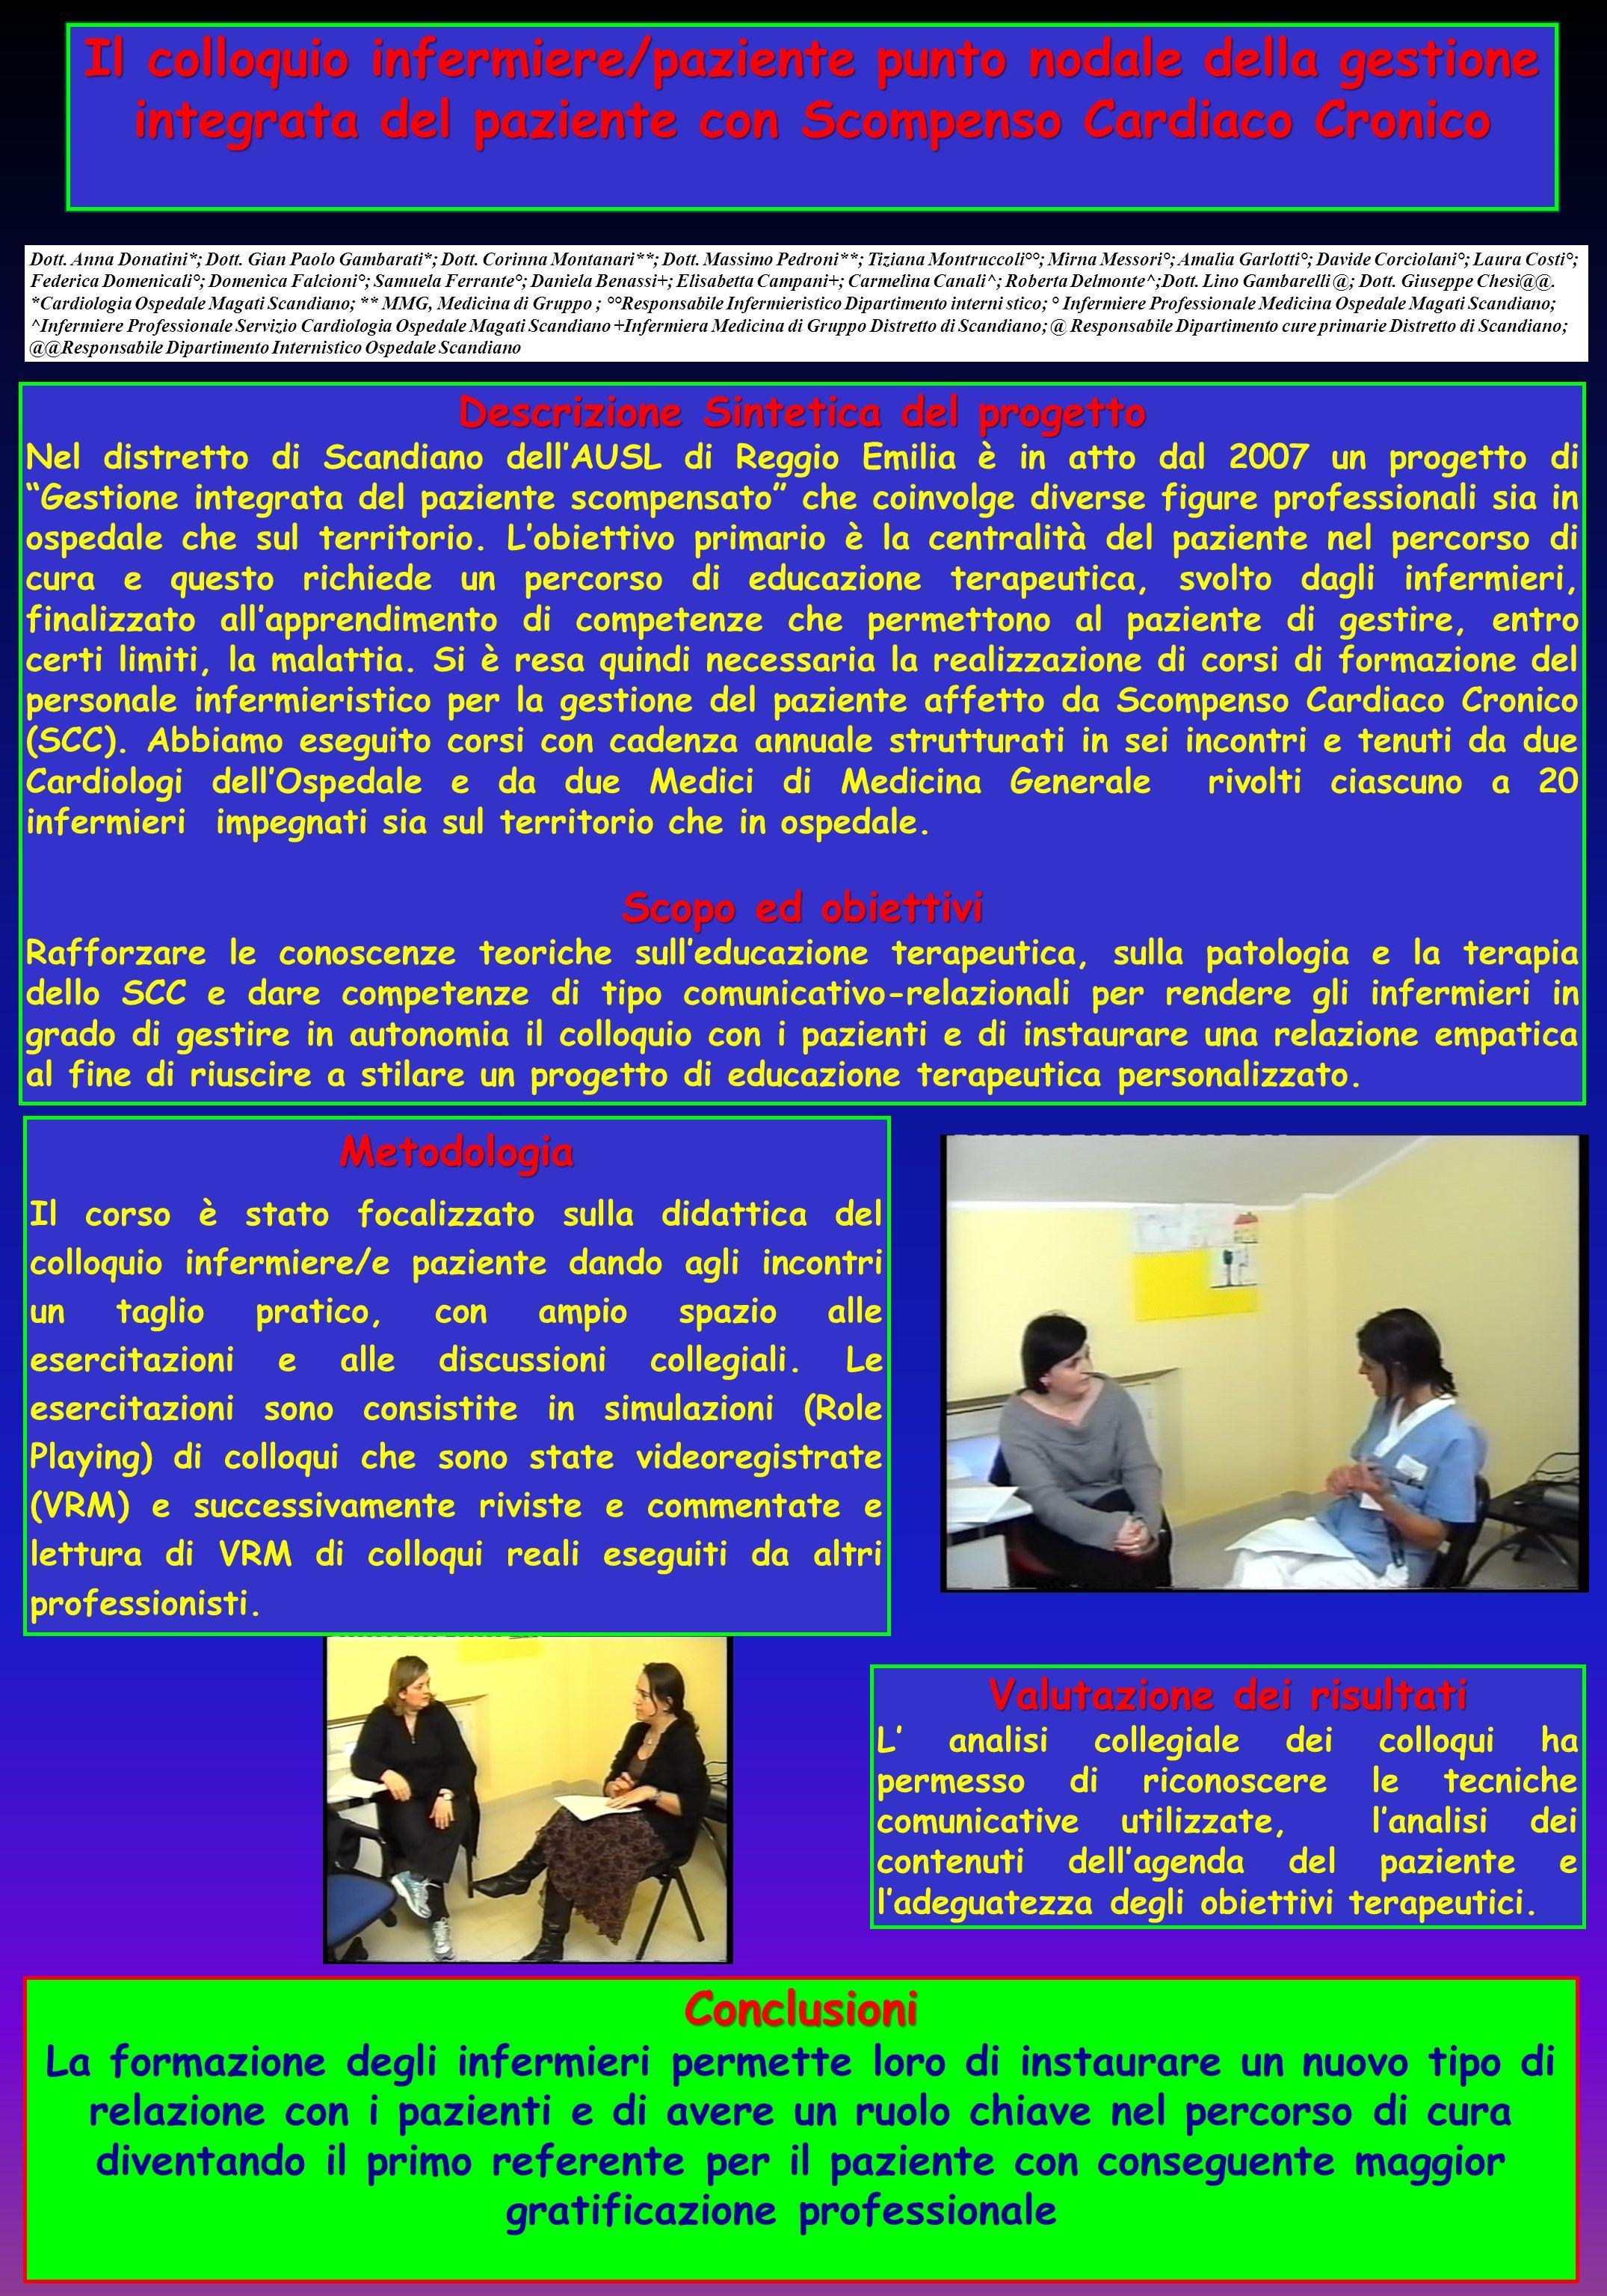 Descrizione Sintetica del progetto Valutazione dei risultati